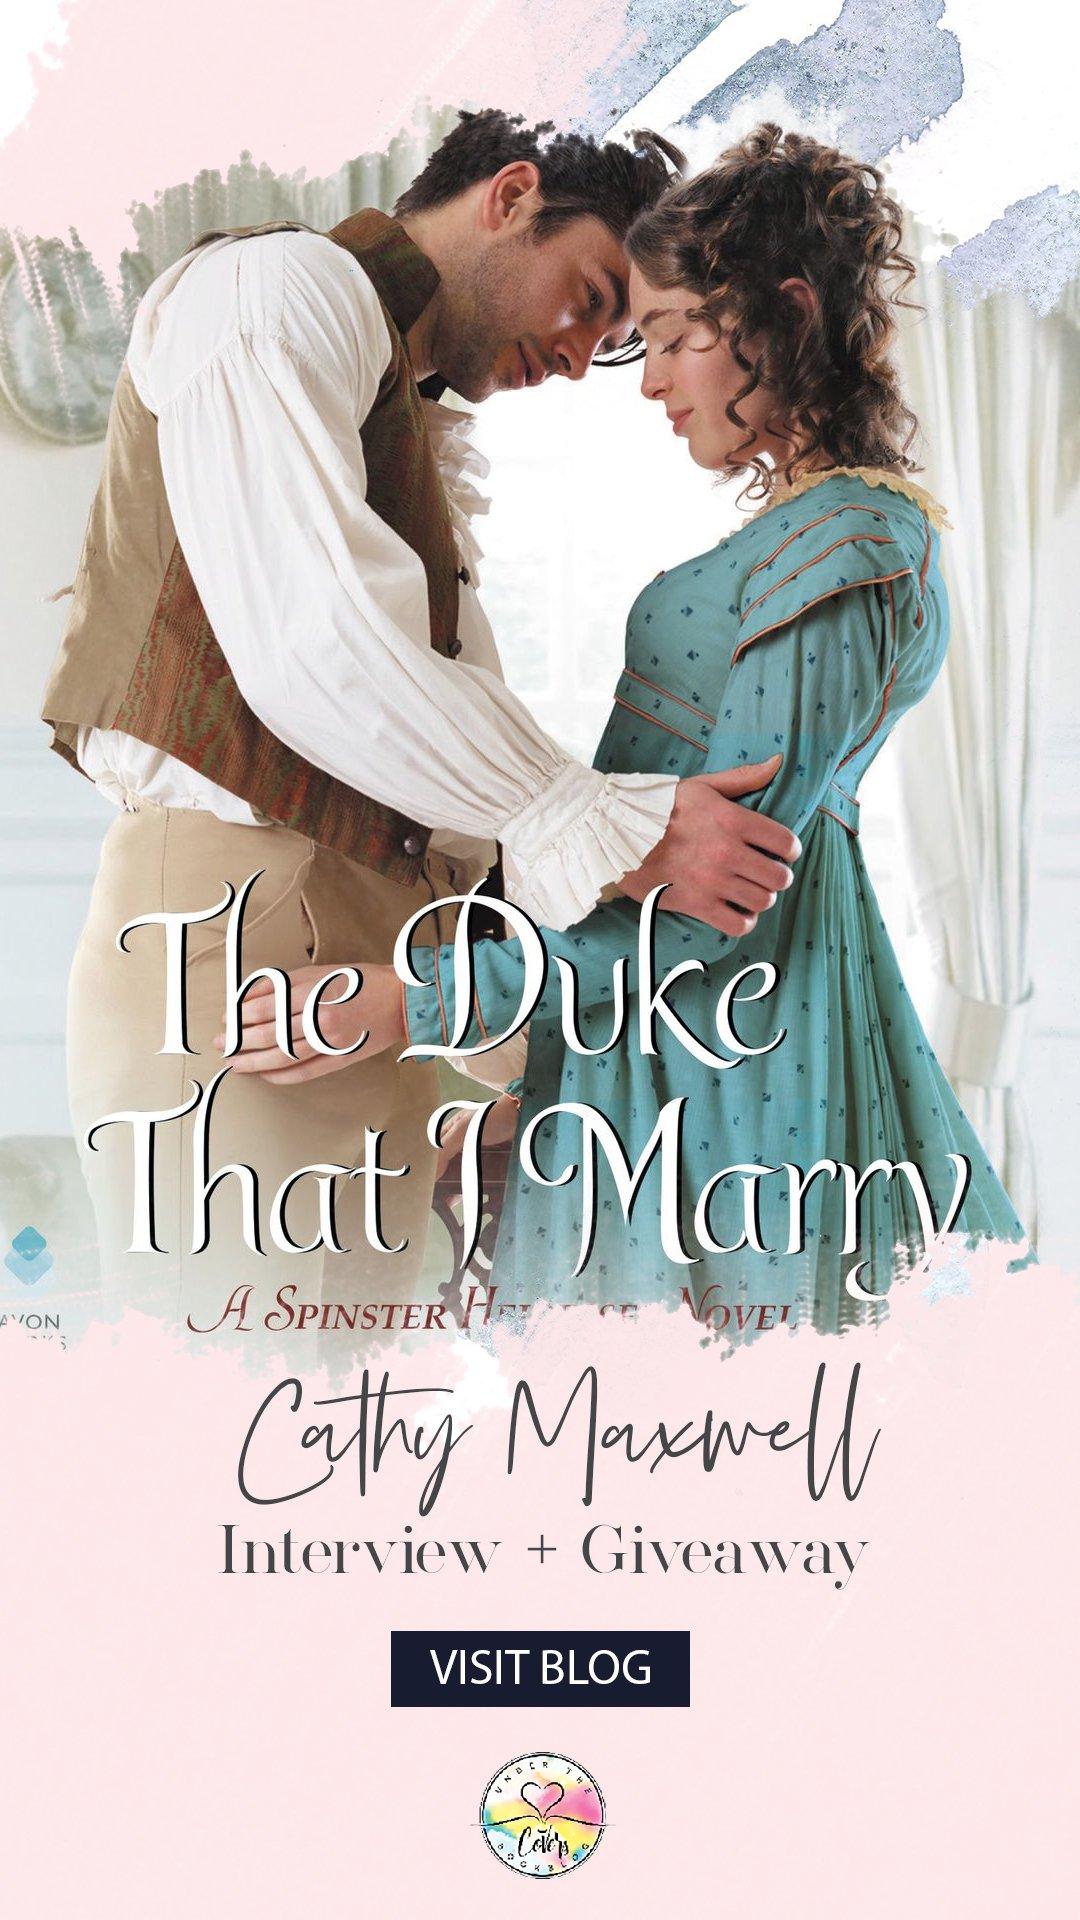 A Scandalous Affair: Cathy Maxwell